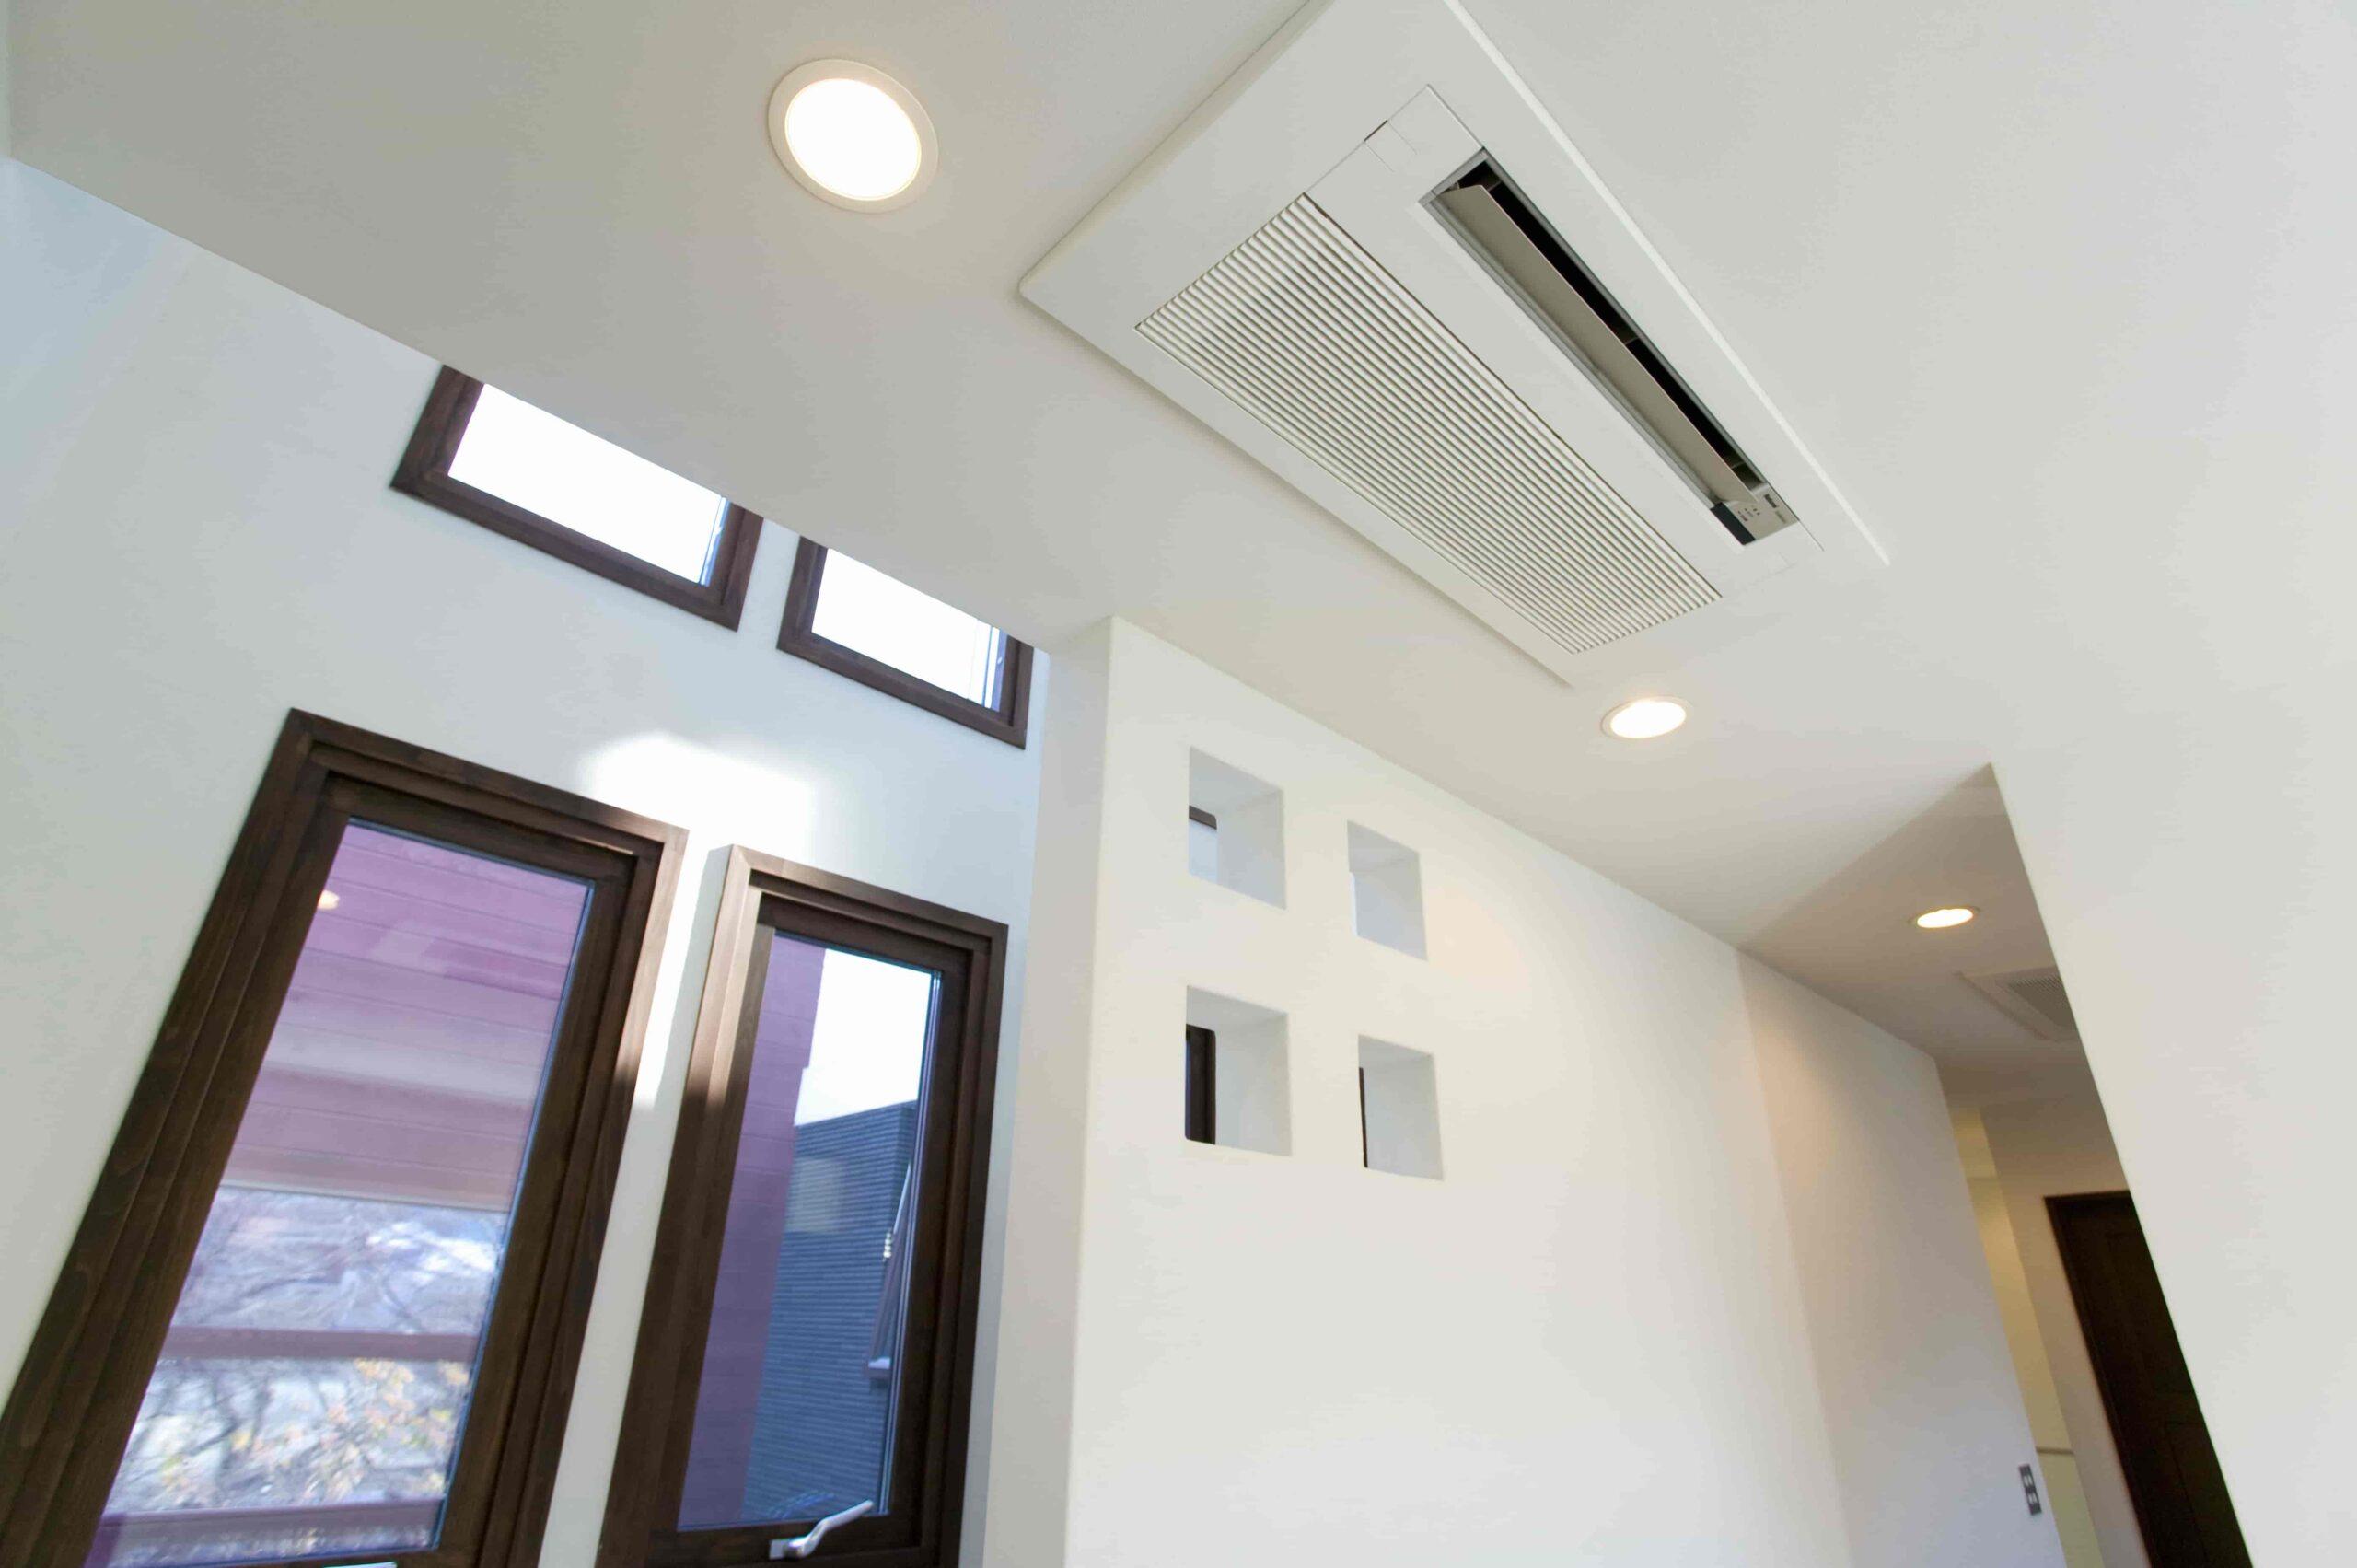 「業務用エアコンと高機能換気設備は別物?2つの違いを徹底解説!」を公開しました。